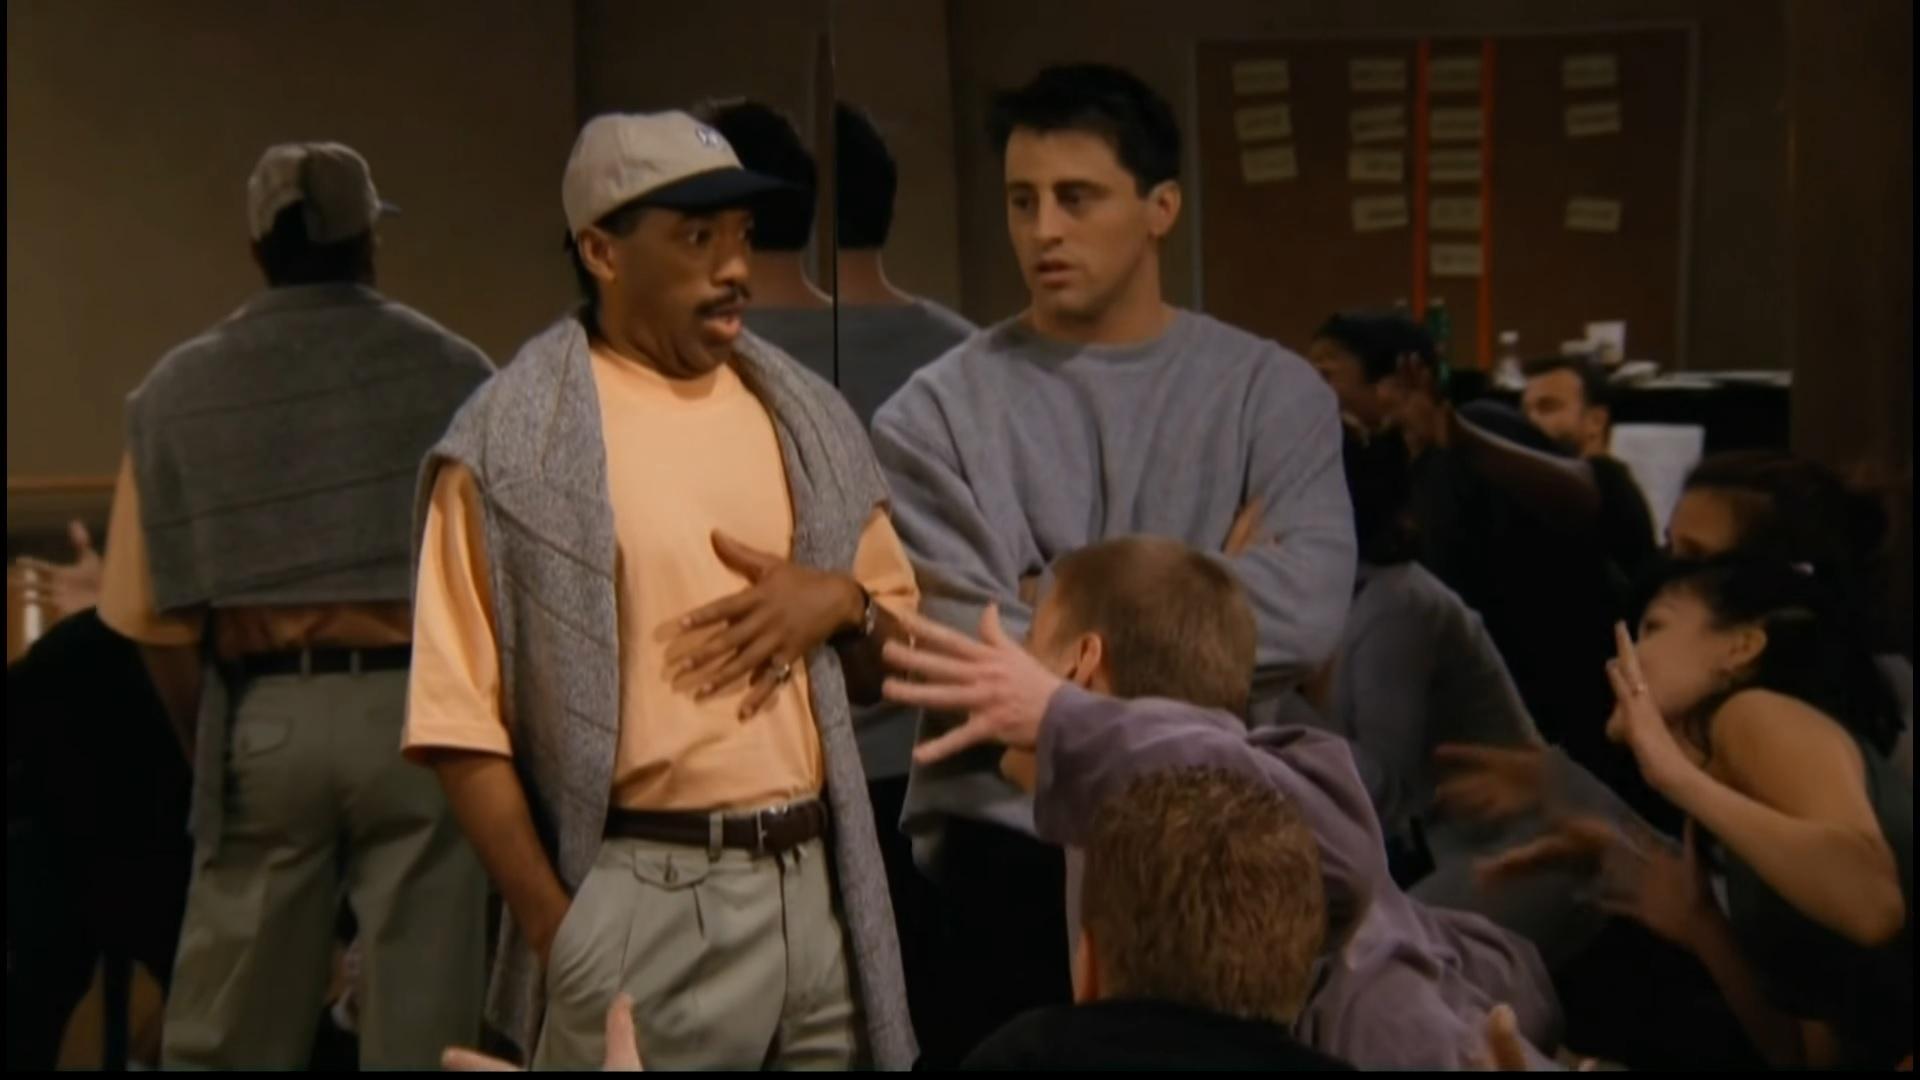 صحنهای از فرندز که جویی به دروغ گفته بود رقص بلده